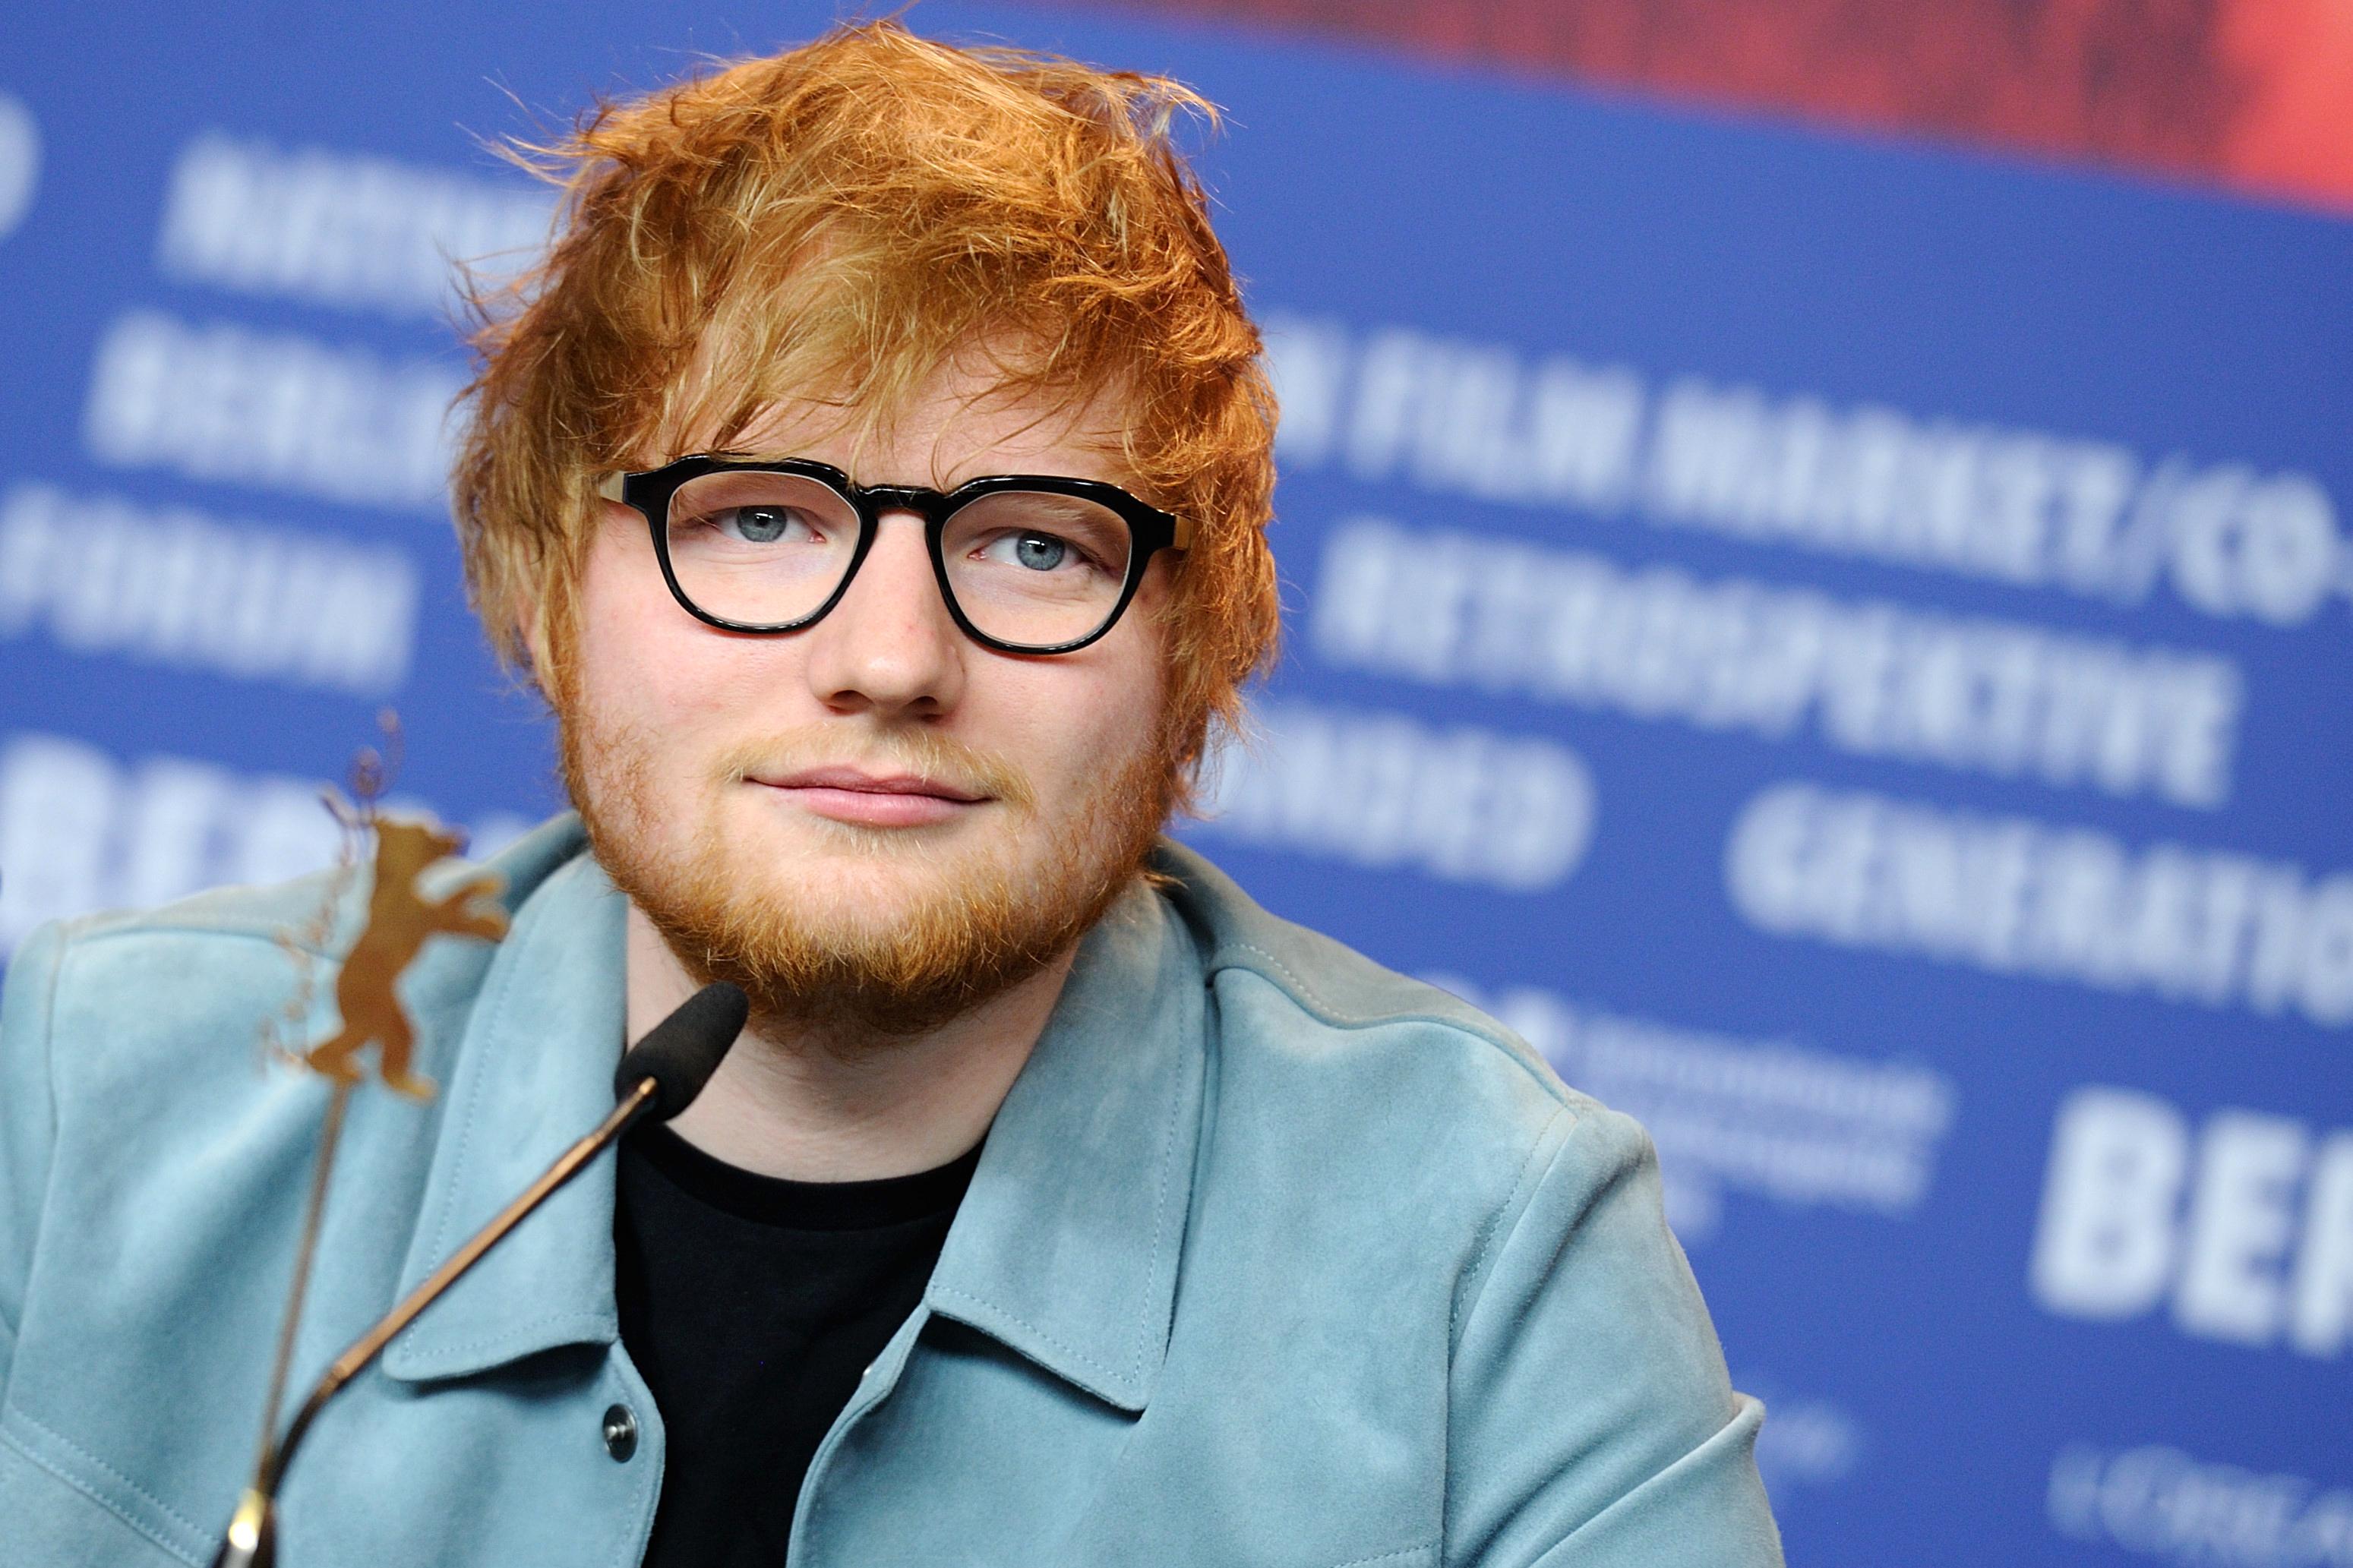 Ed Sheeran at the Berlin Film Festival